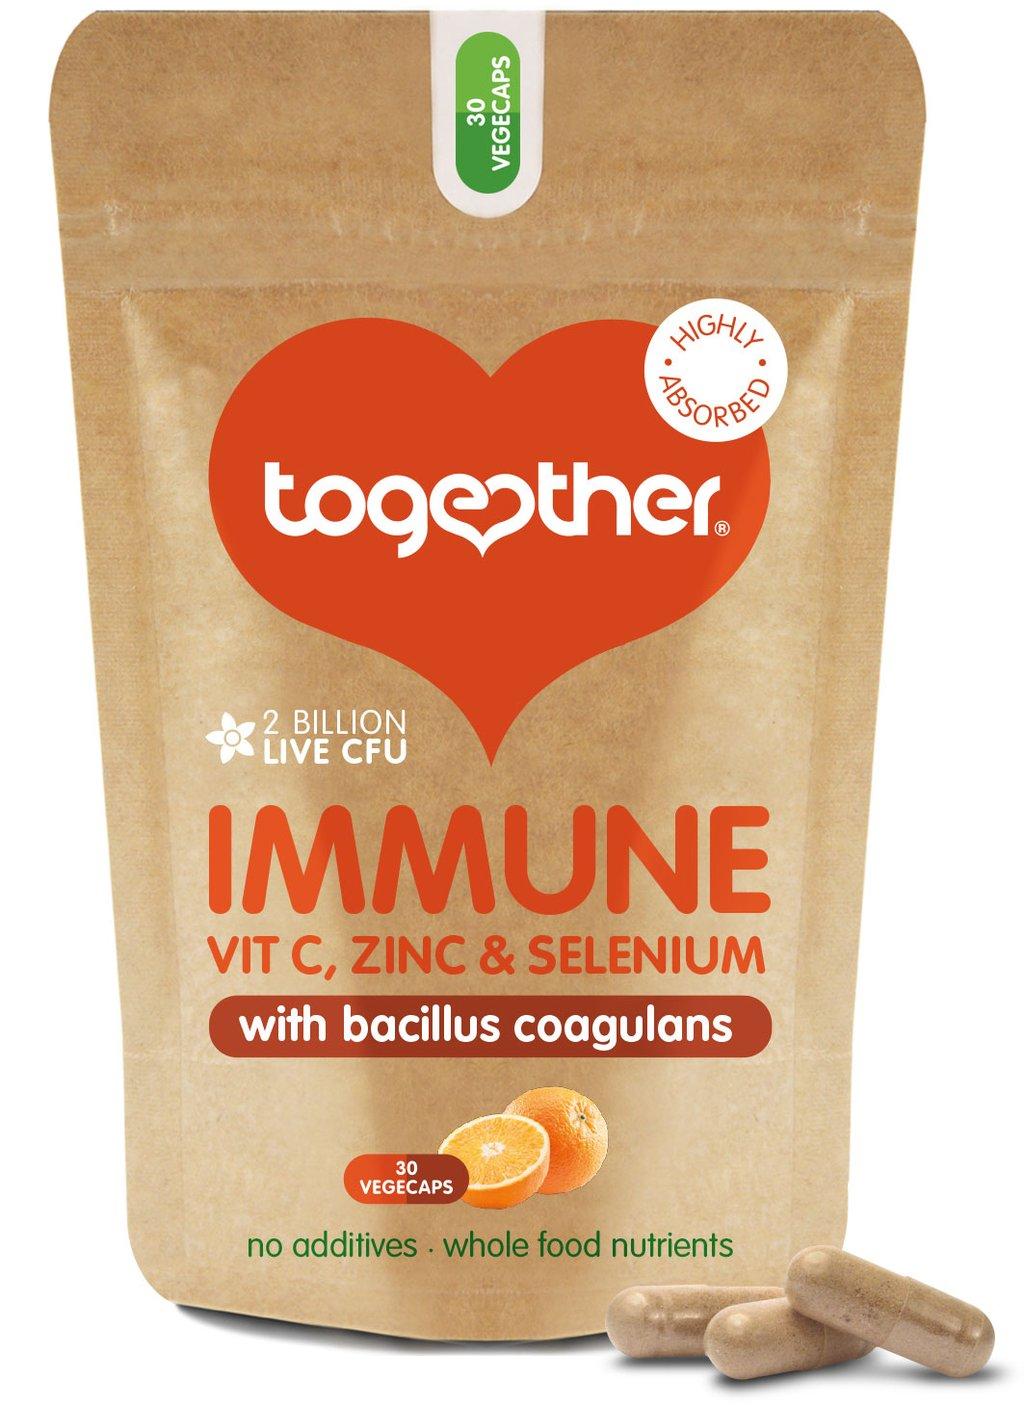 Immune with Vit C, Zinc, & Selenium 30's